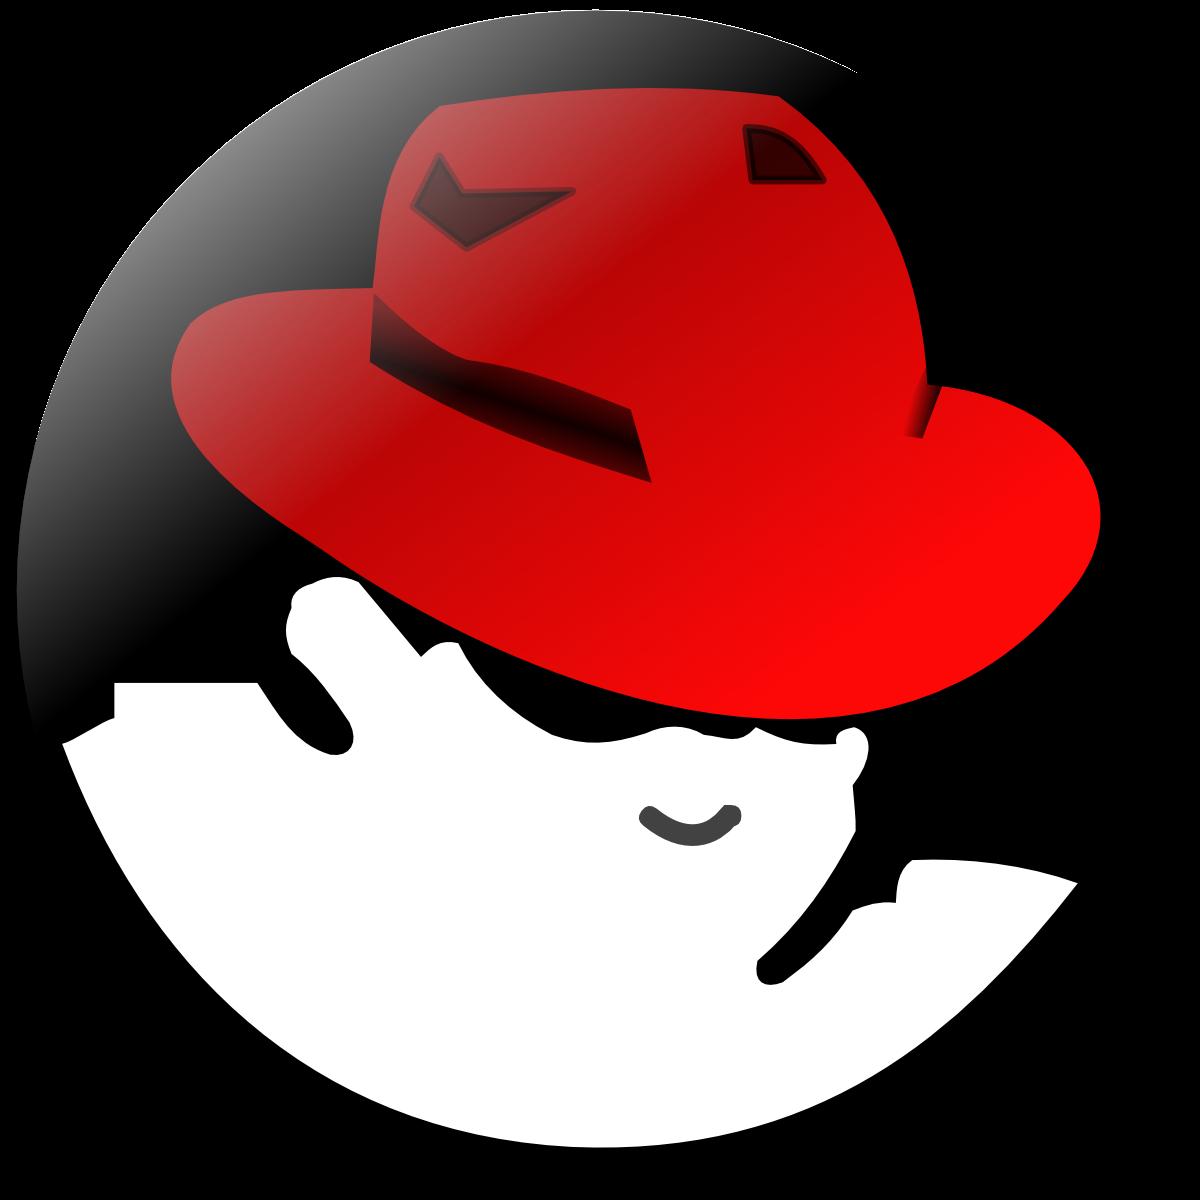 red hat Jonascant escreveu: olá gostaria de saber onde posso encontrar o iso para download do red hat enterprise linux 64bits 55 passei em várias páginas e não.